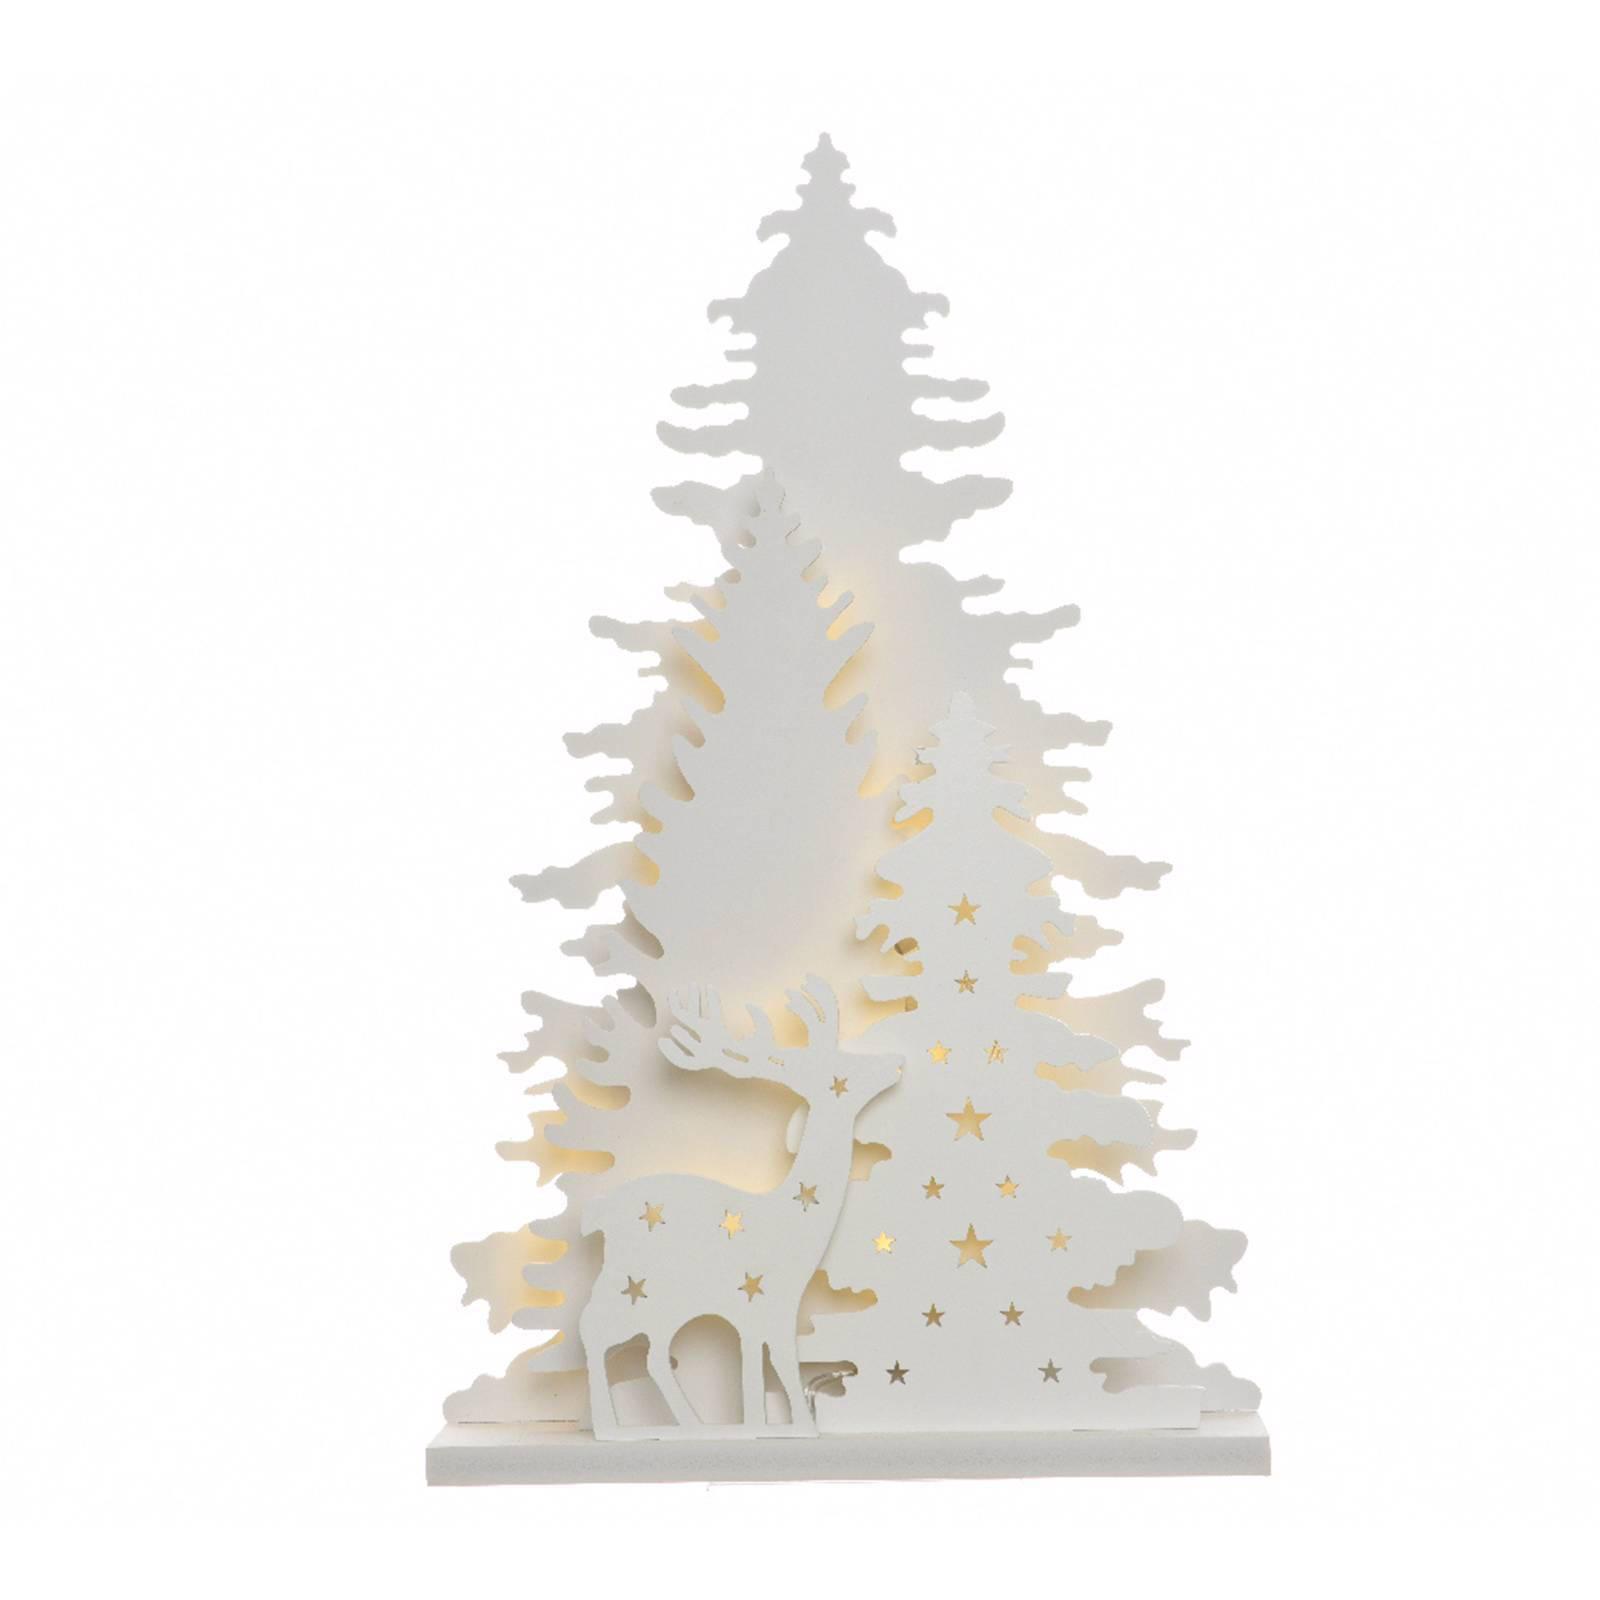 Lumineo decoratie kerstboom verlichting   wehkamp